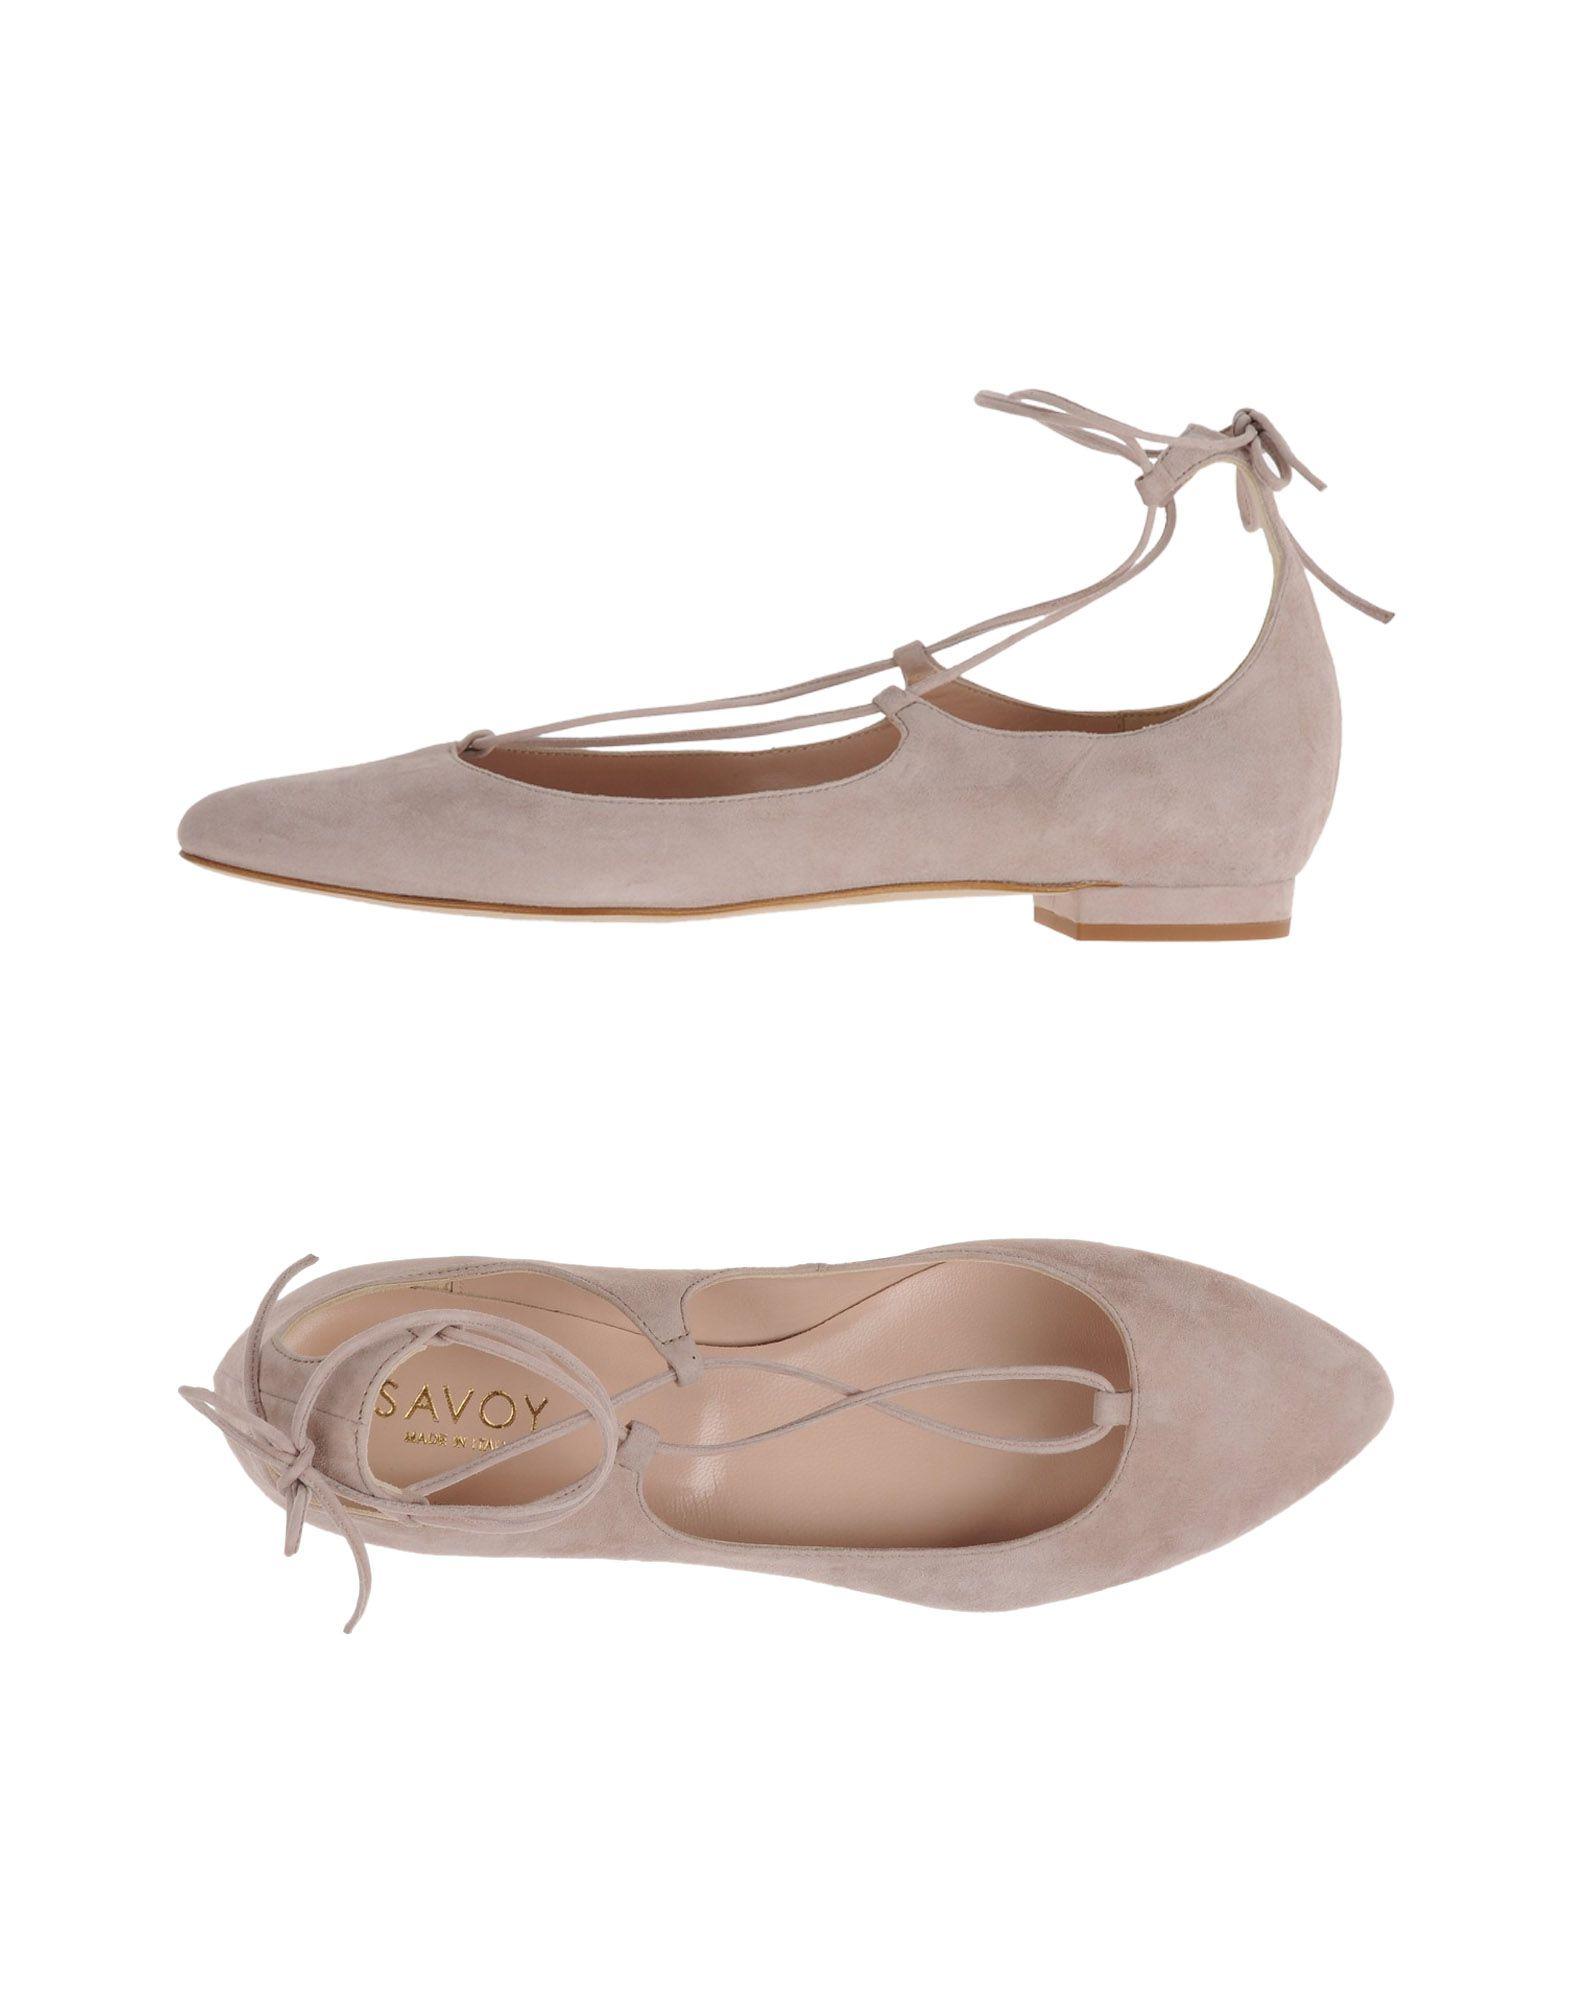 Moda Ballerine Savoy Donna - 11208507UE